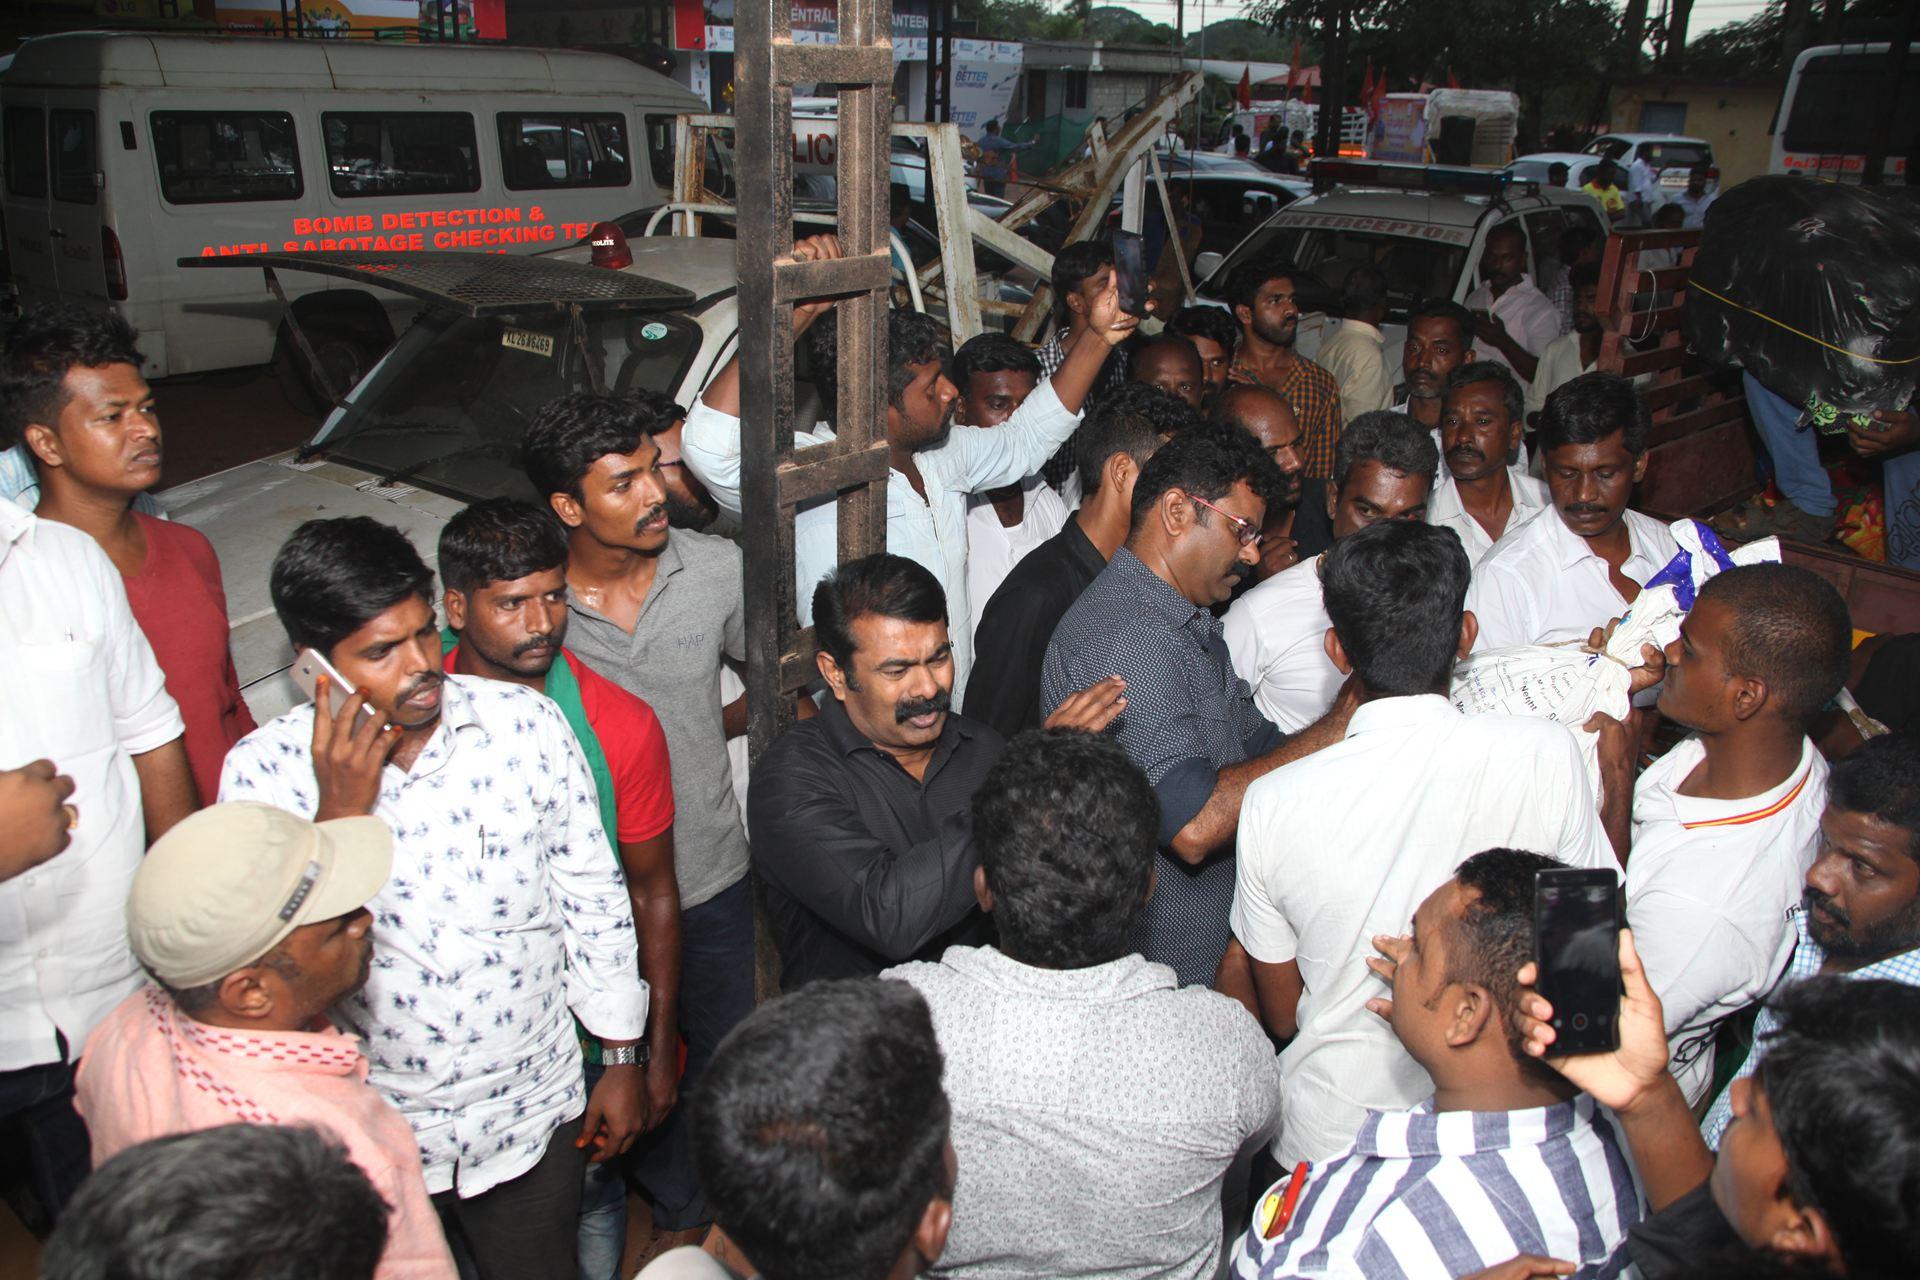 வெள்ள நிவாரணப் பொருட்களை வழங்கச் சென்ற சீமானிடம் கேரள காவல்துறையினர் விசாரணை naam tamilar katchi seeman visits kerala flood affected area flood relief campaign kottayam sanganasery camp 5